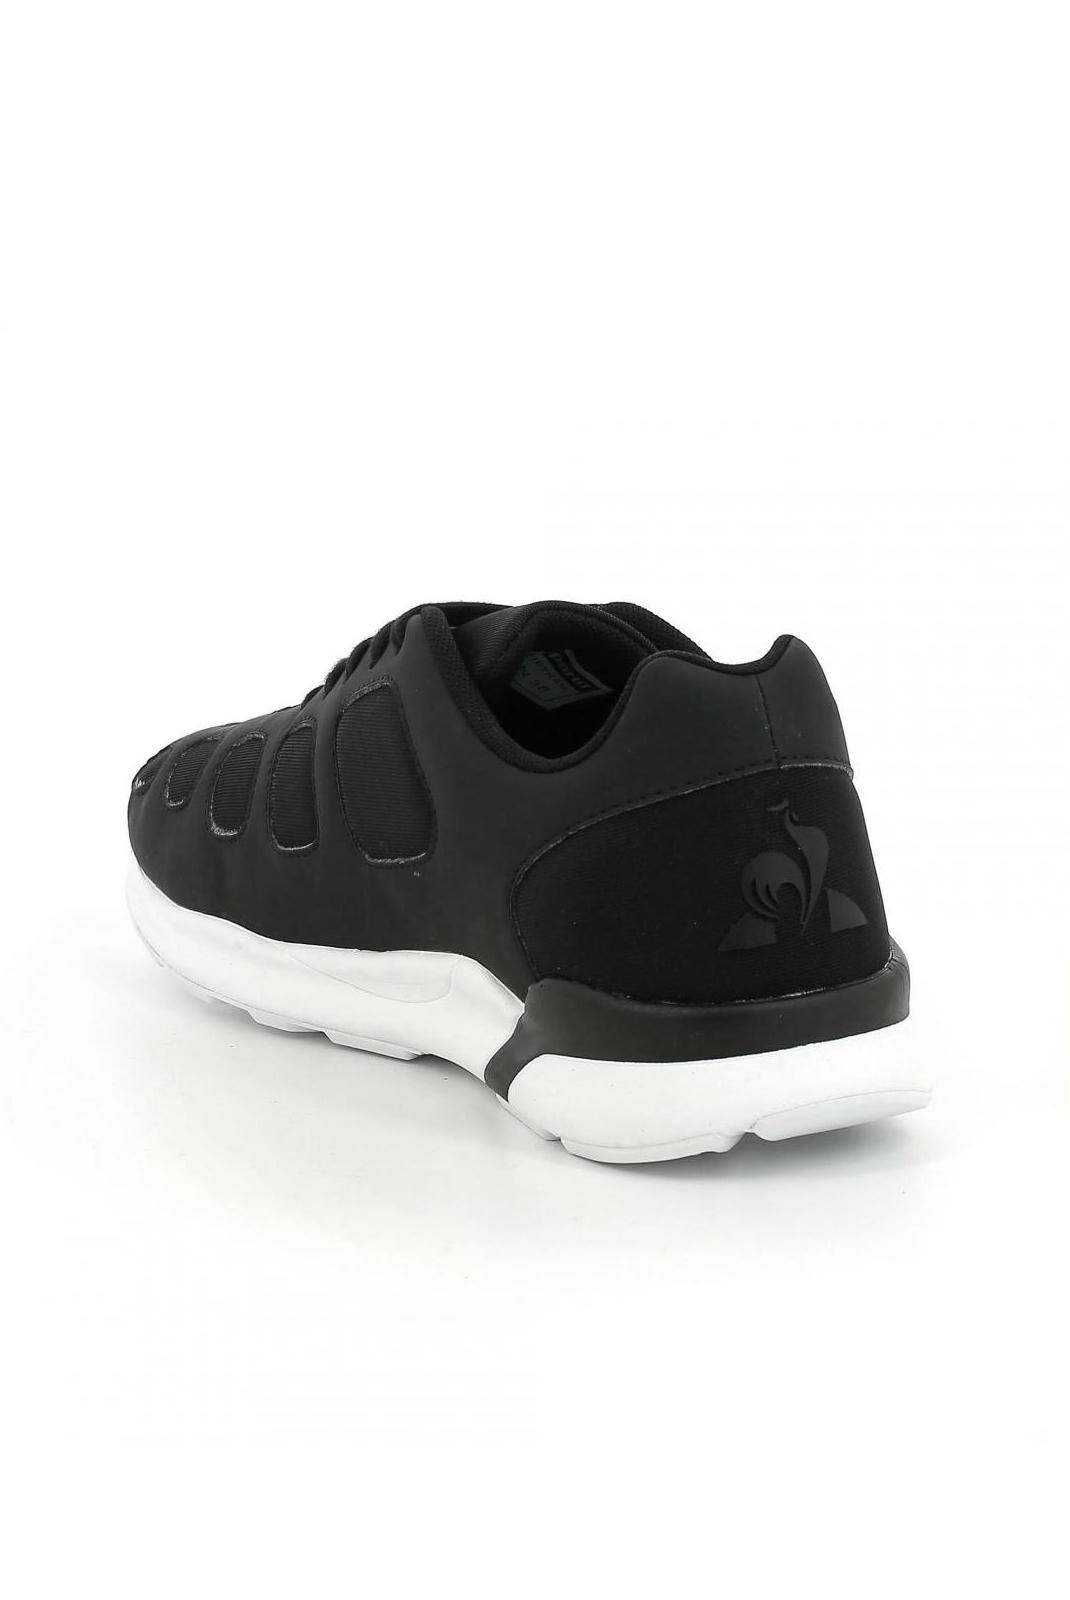 Baskets / Sneakers  Le coq sportif 1910510 ZEPP W SPORT BLACK